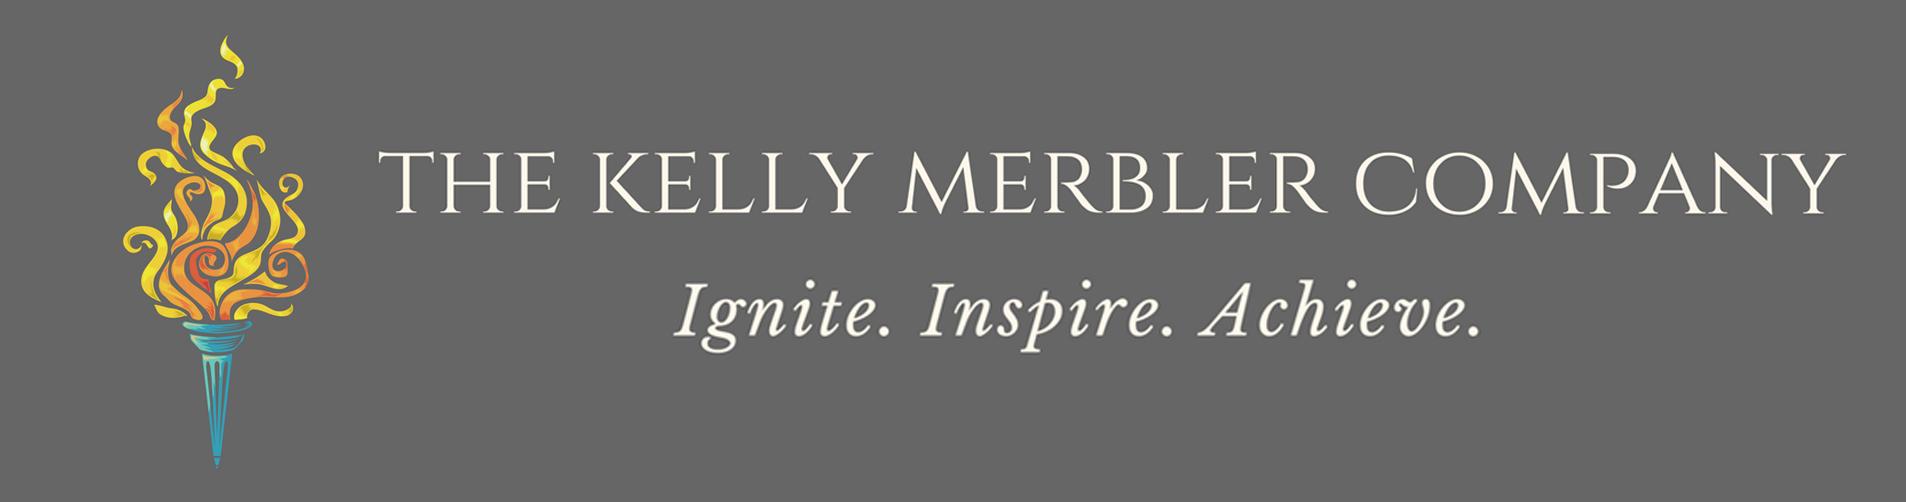 Kelly Merbler Co Header for Mojoy Studio.jpg